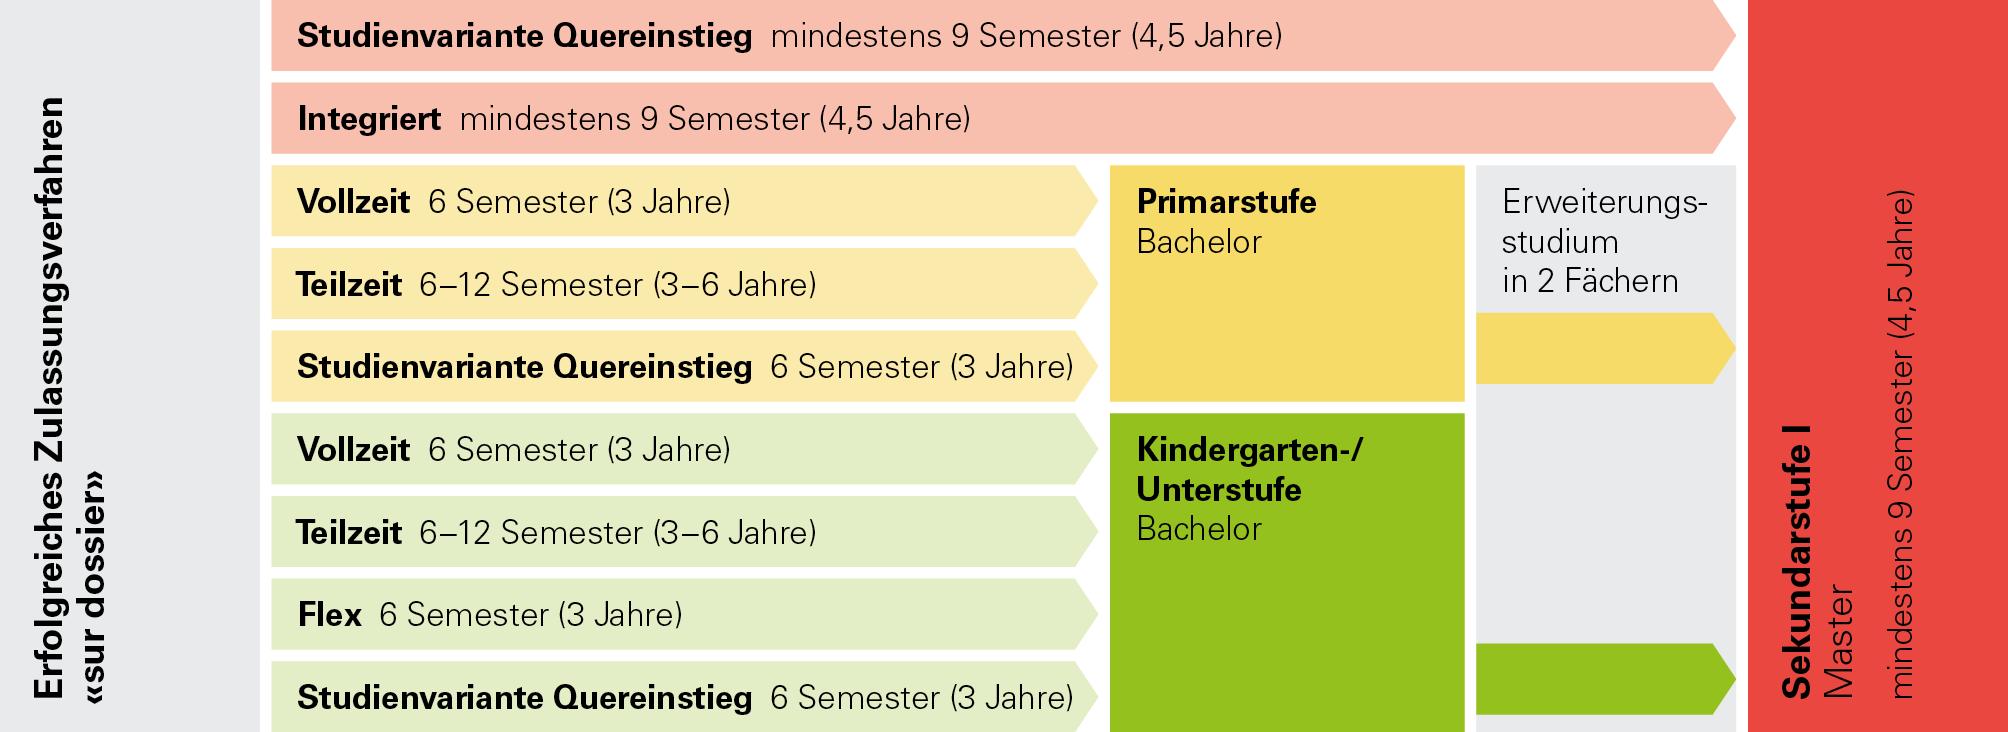 Sur Dossier Studienwege zum Abschluss.png